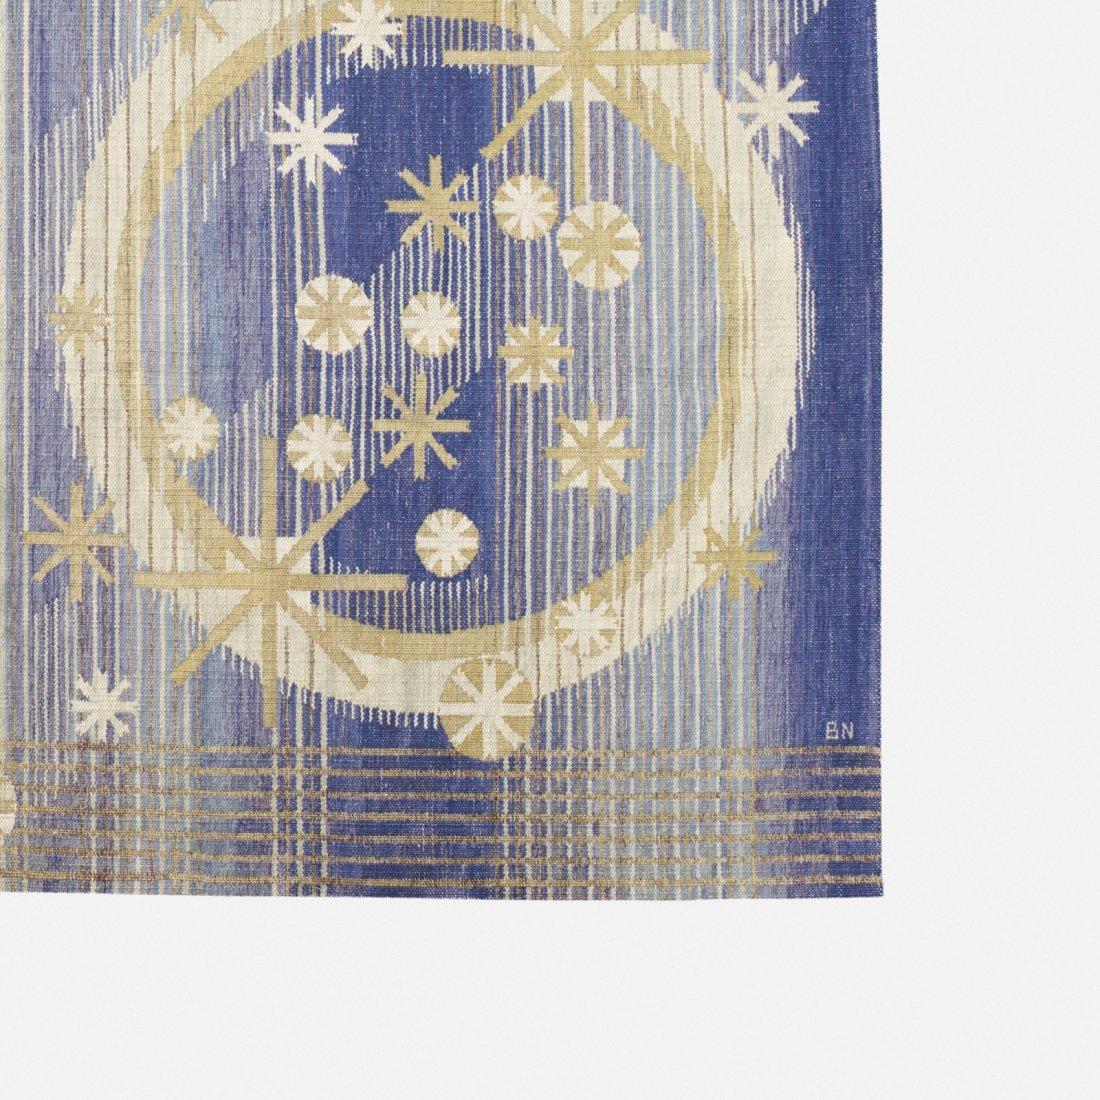 Barbro Nilsson, rare Sol mane och stjärnor tapestry - 2